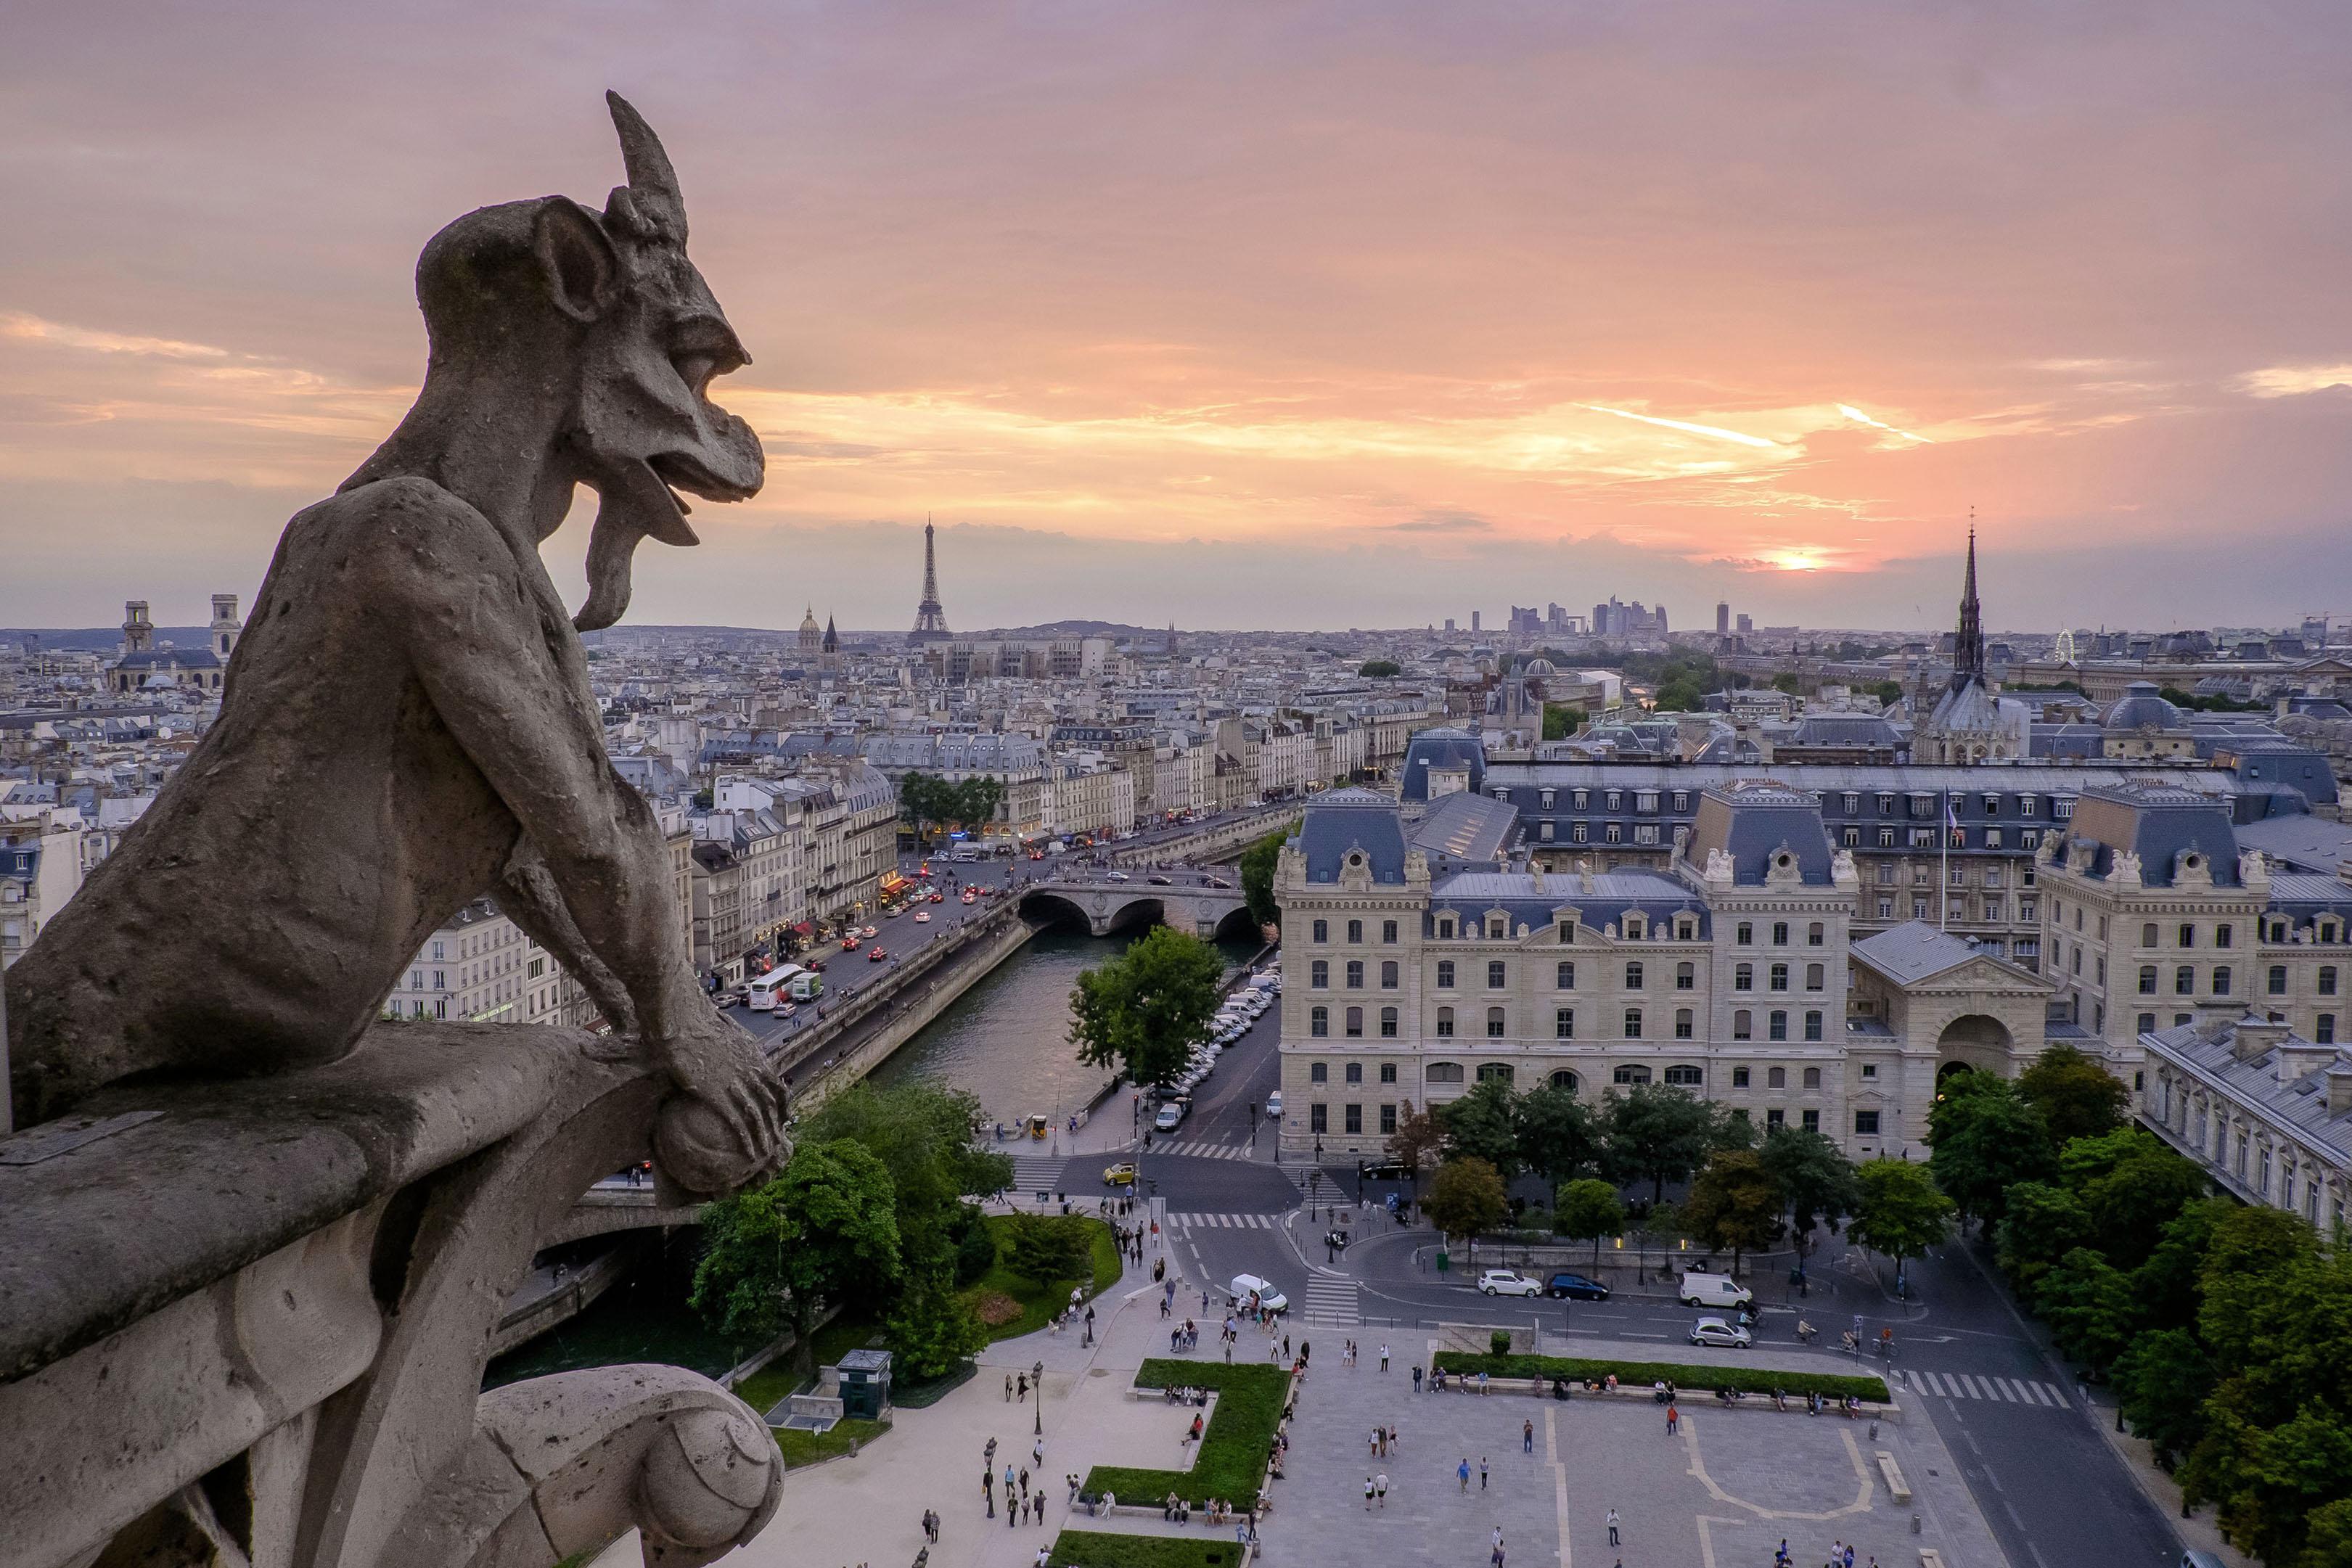 巴黎聖母院的石像獸俯視著日出時分的塞納河。(公有領域)